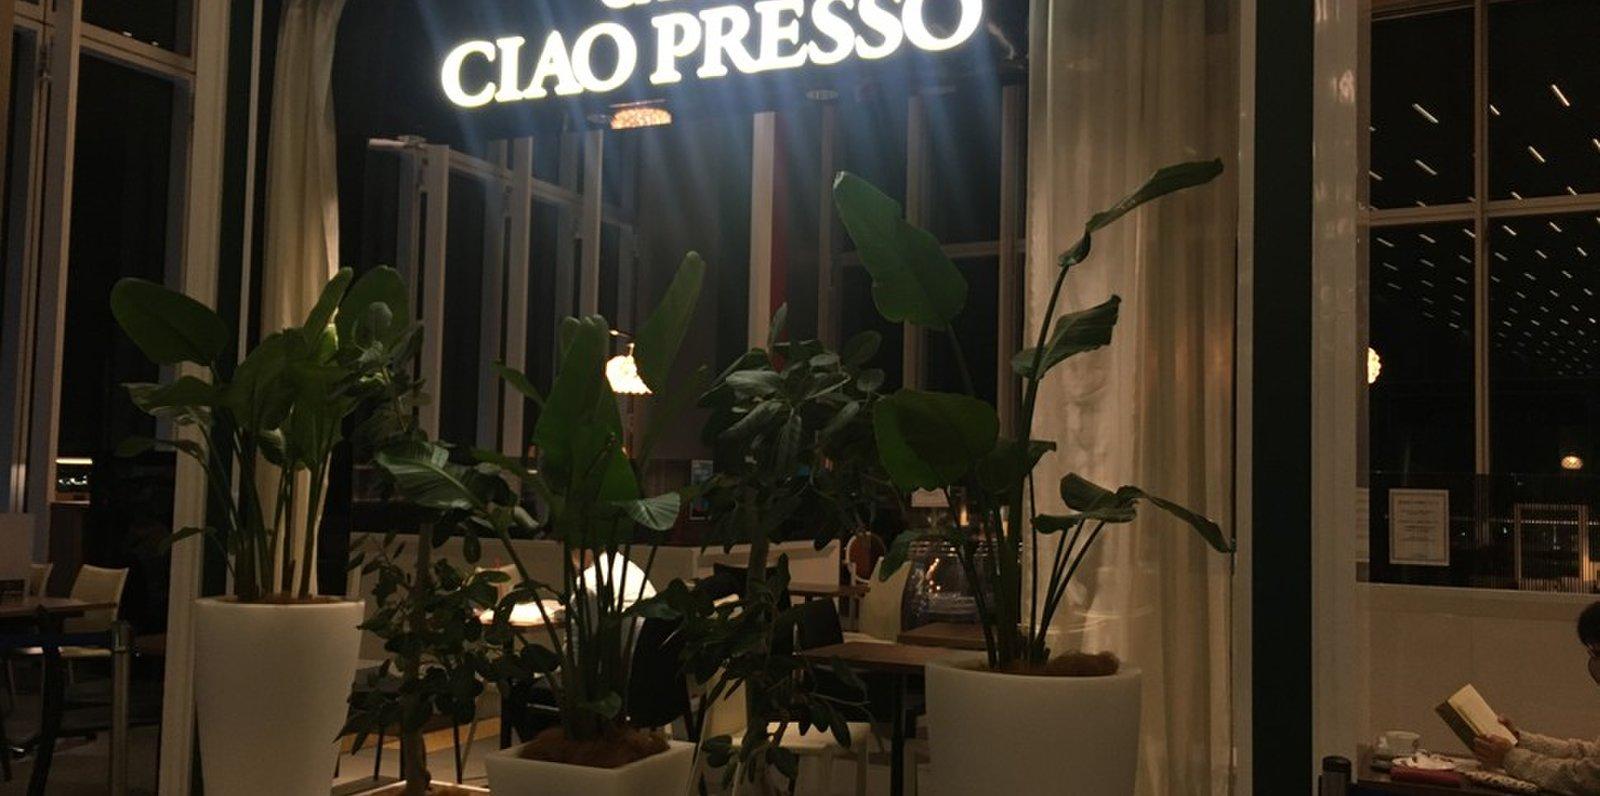 チャオプレッソ あべのハルカス店